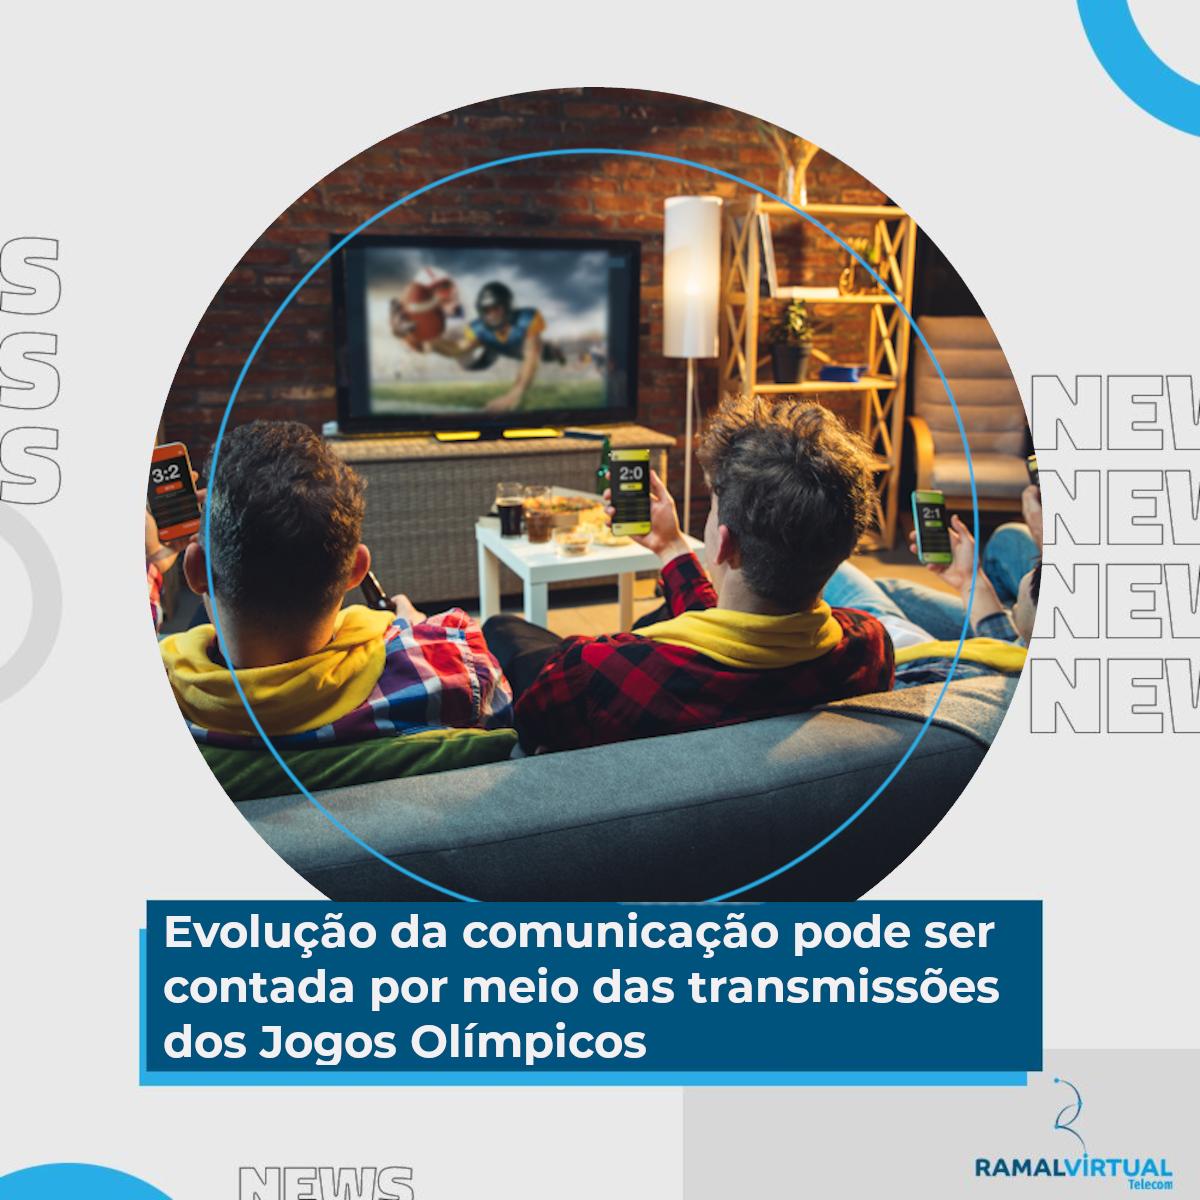 [Evolução da comunicação pode ser contada por meio das transmissões dos Jogos Olímpicos]